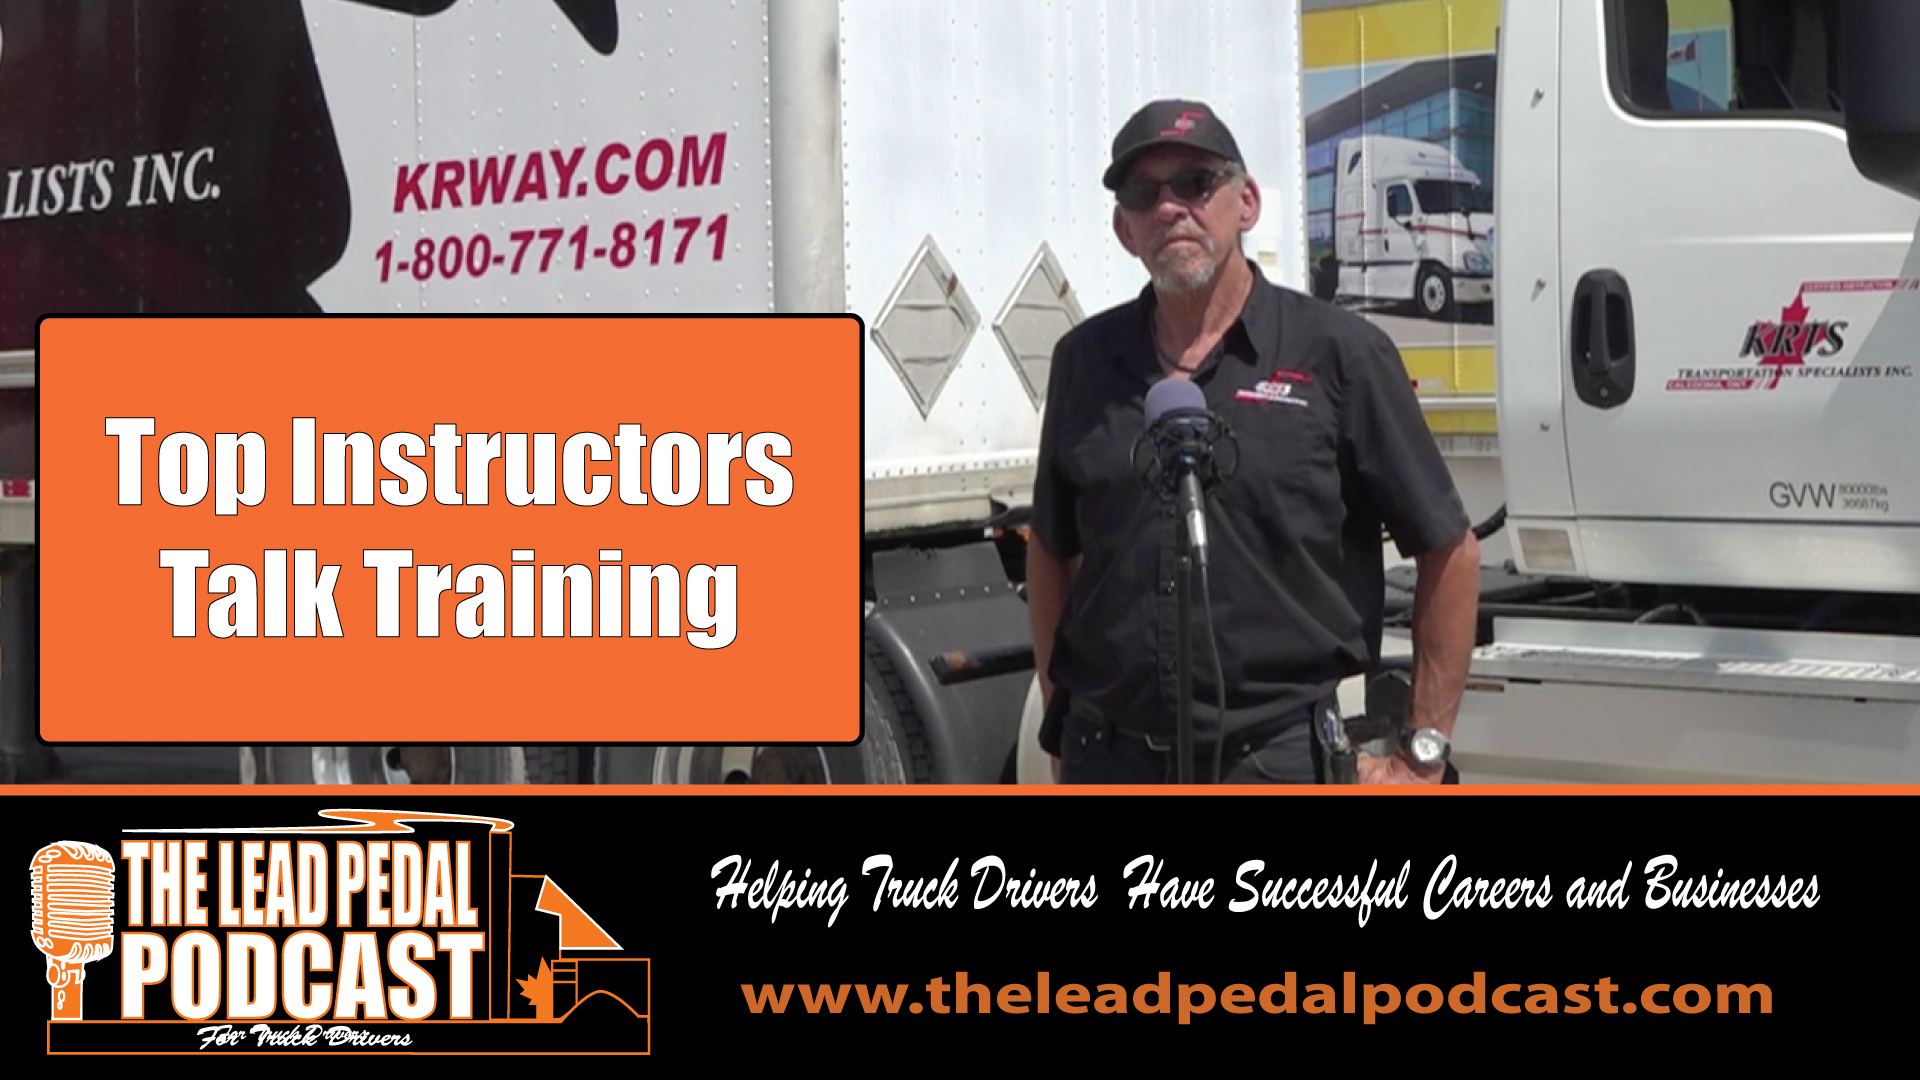 Top Instructors